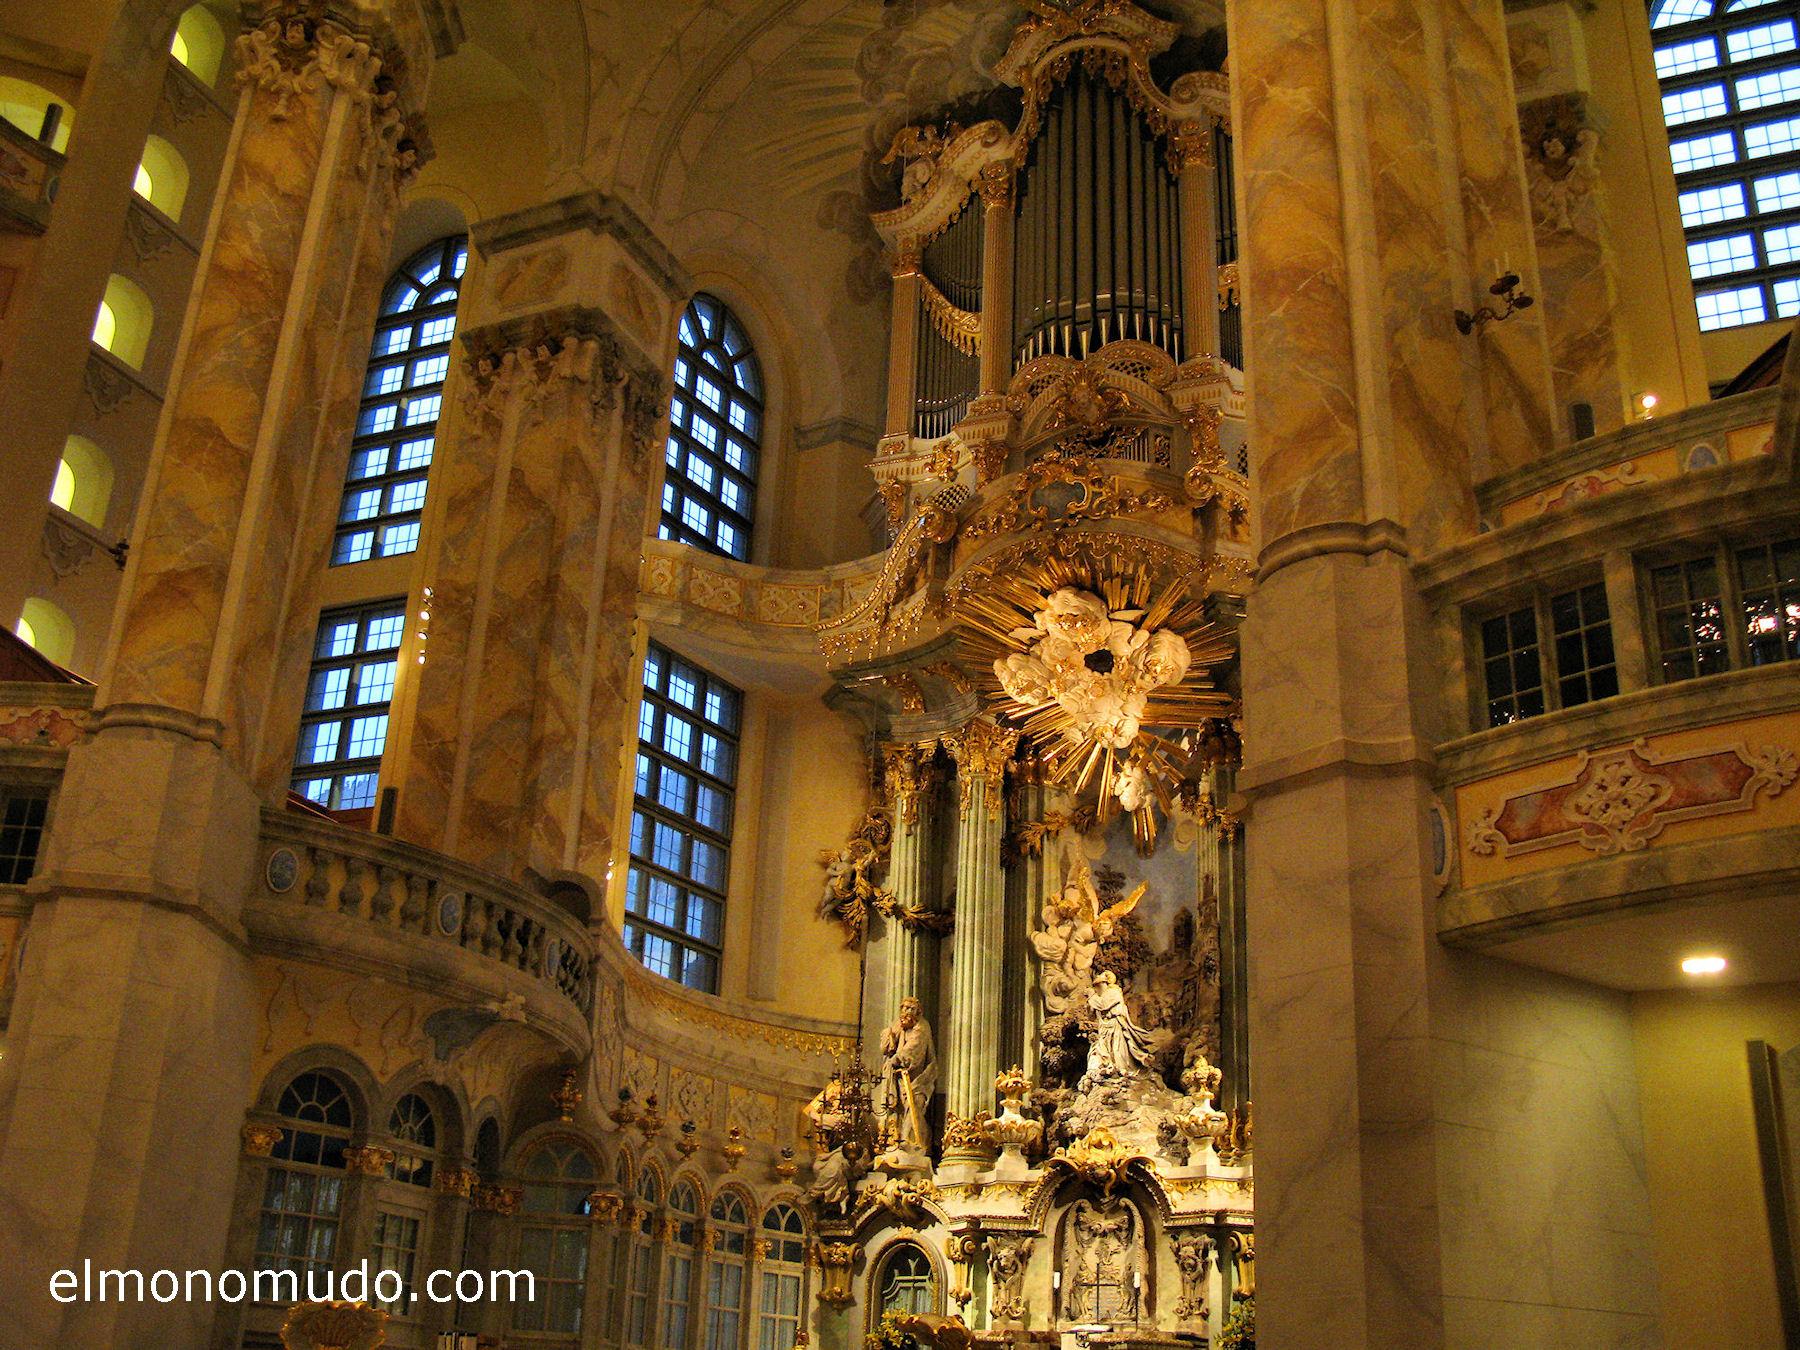 frauenkirche-interior-retablo-columnas-derecha